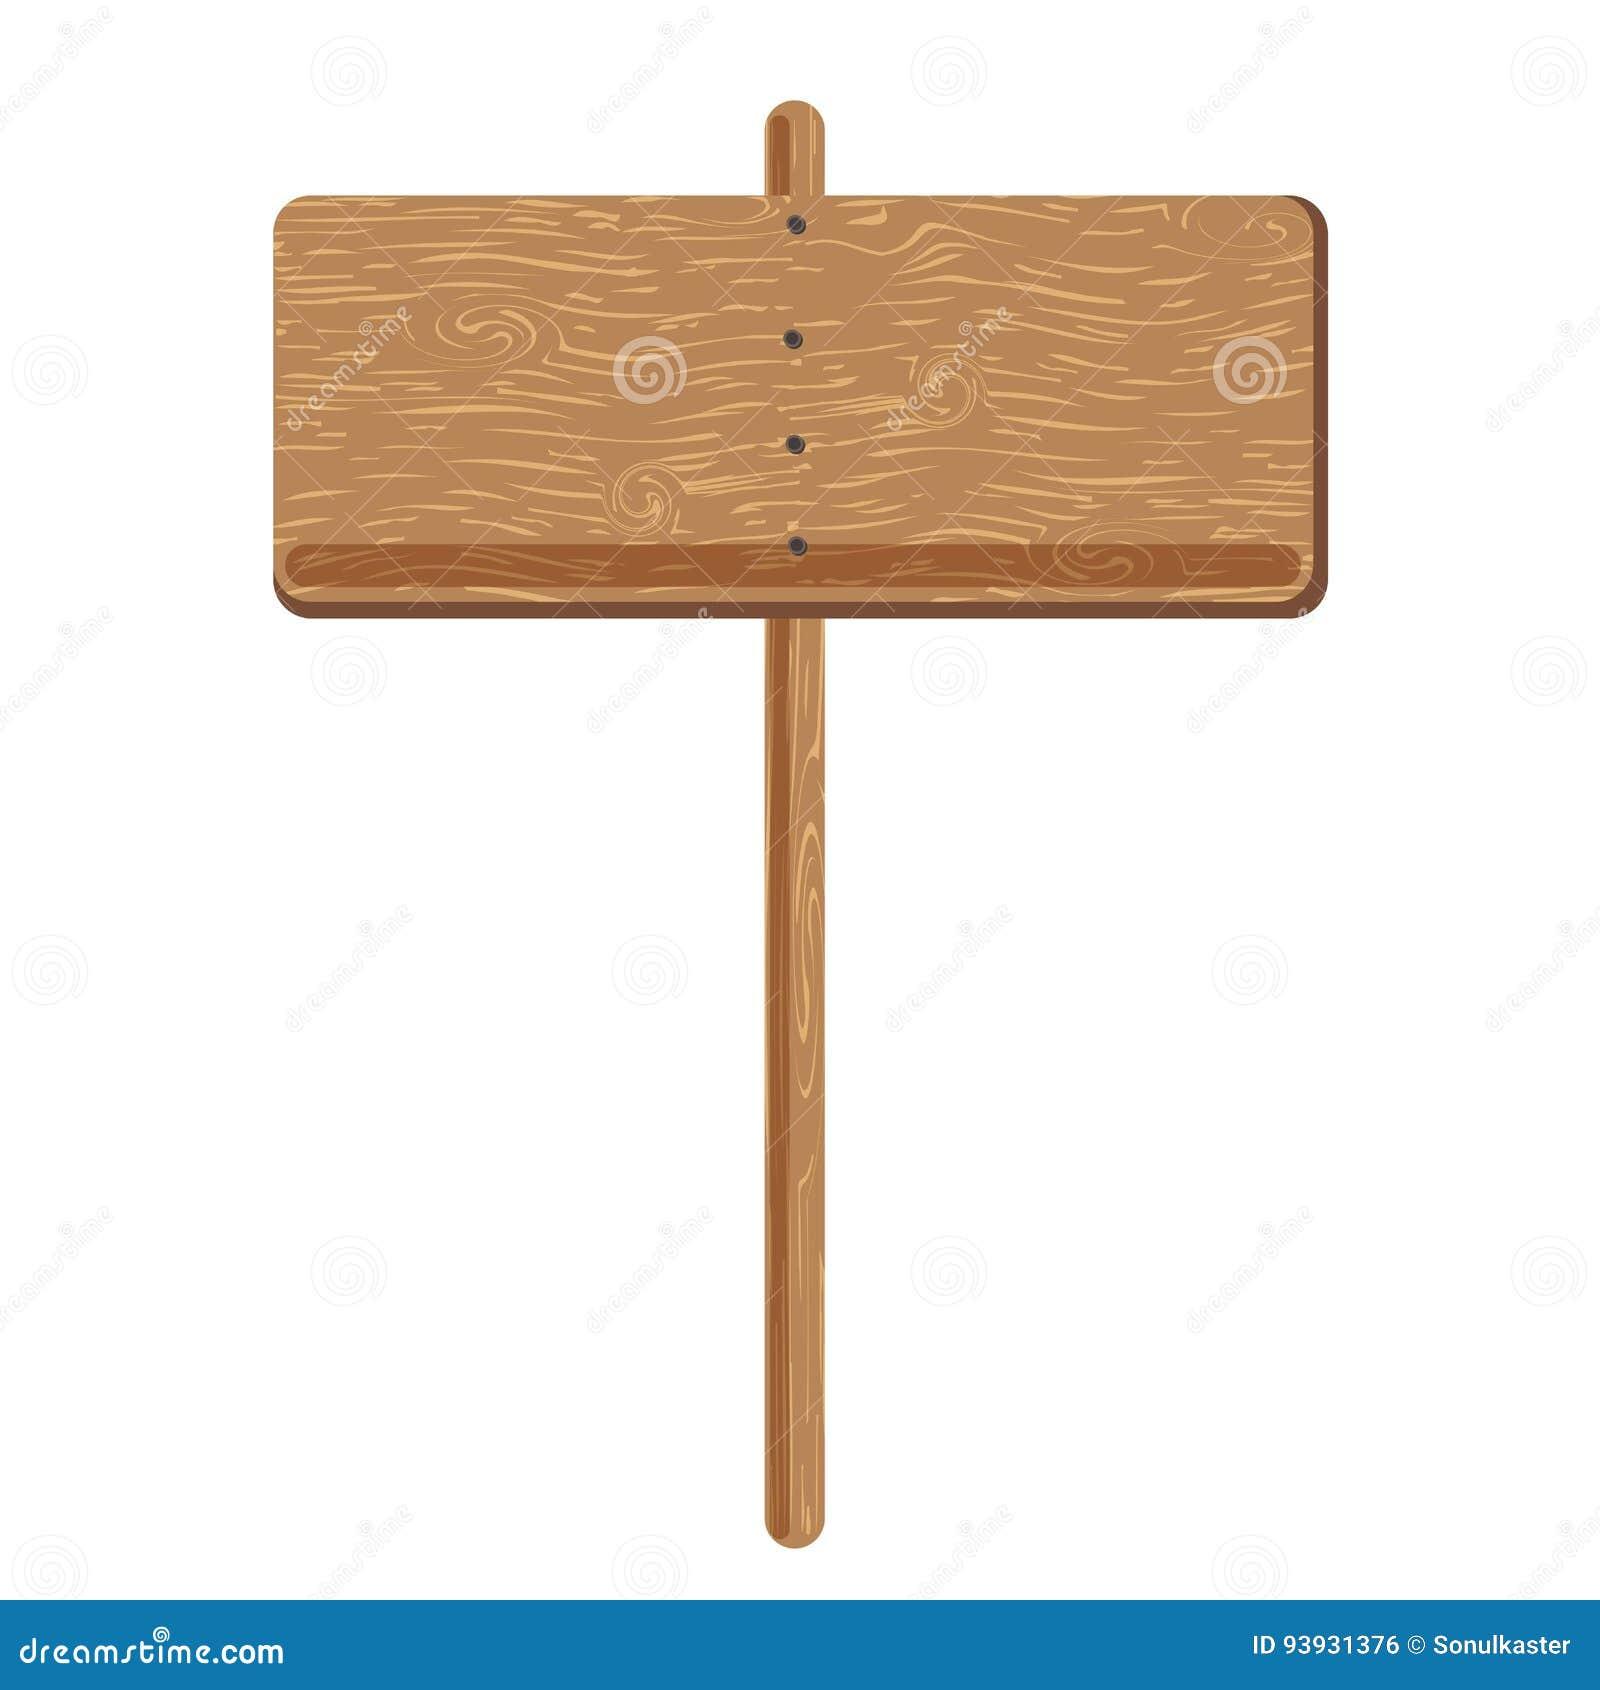 Bord de la señalización o icono de madera del vector del polo de la muestra de publicidad